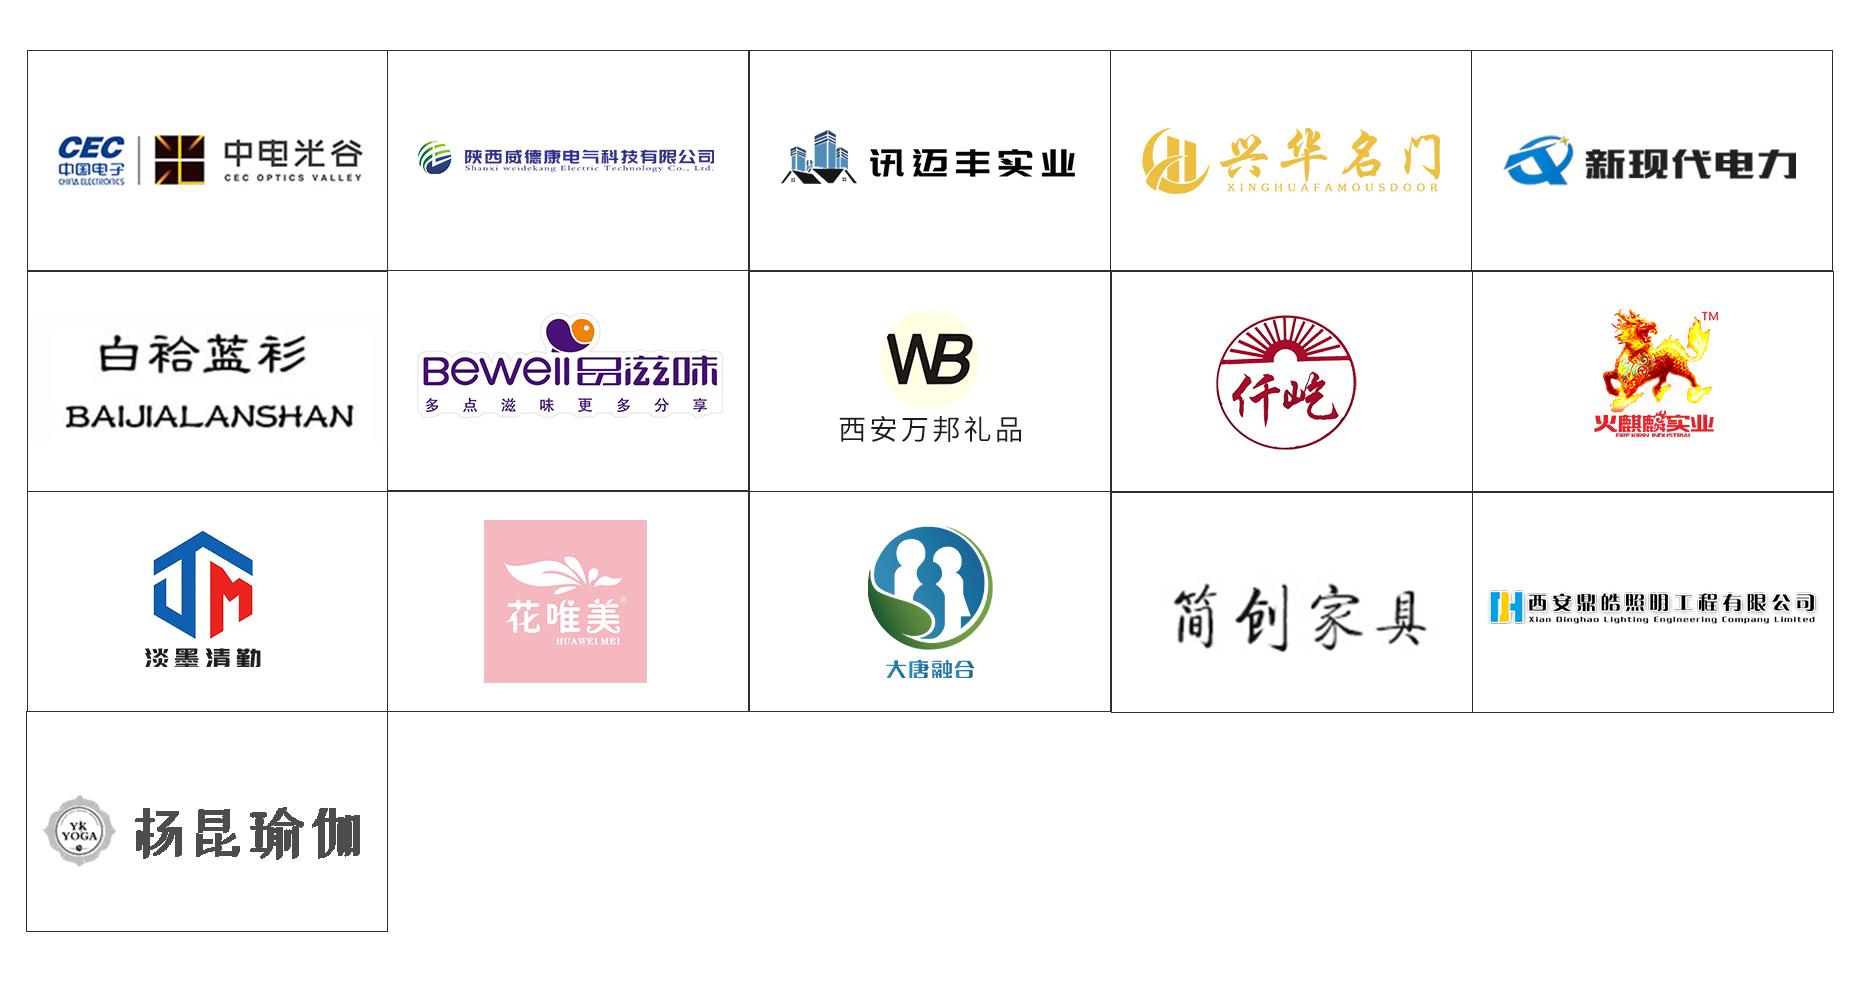 西安网站建设经典案例